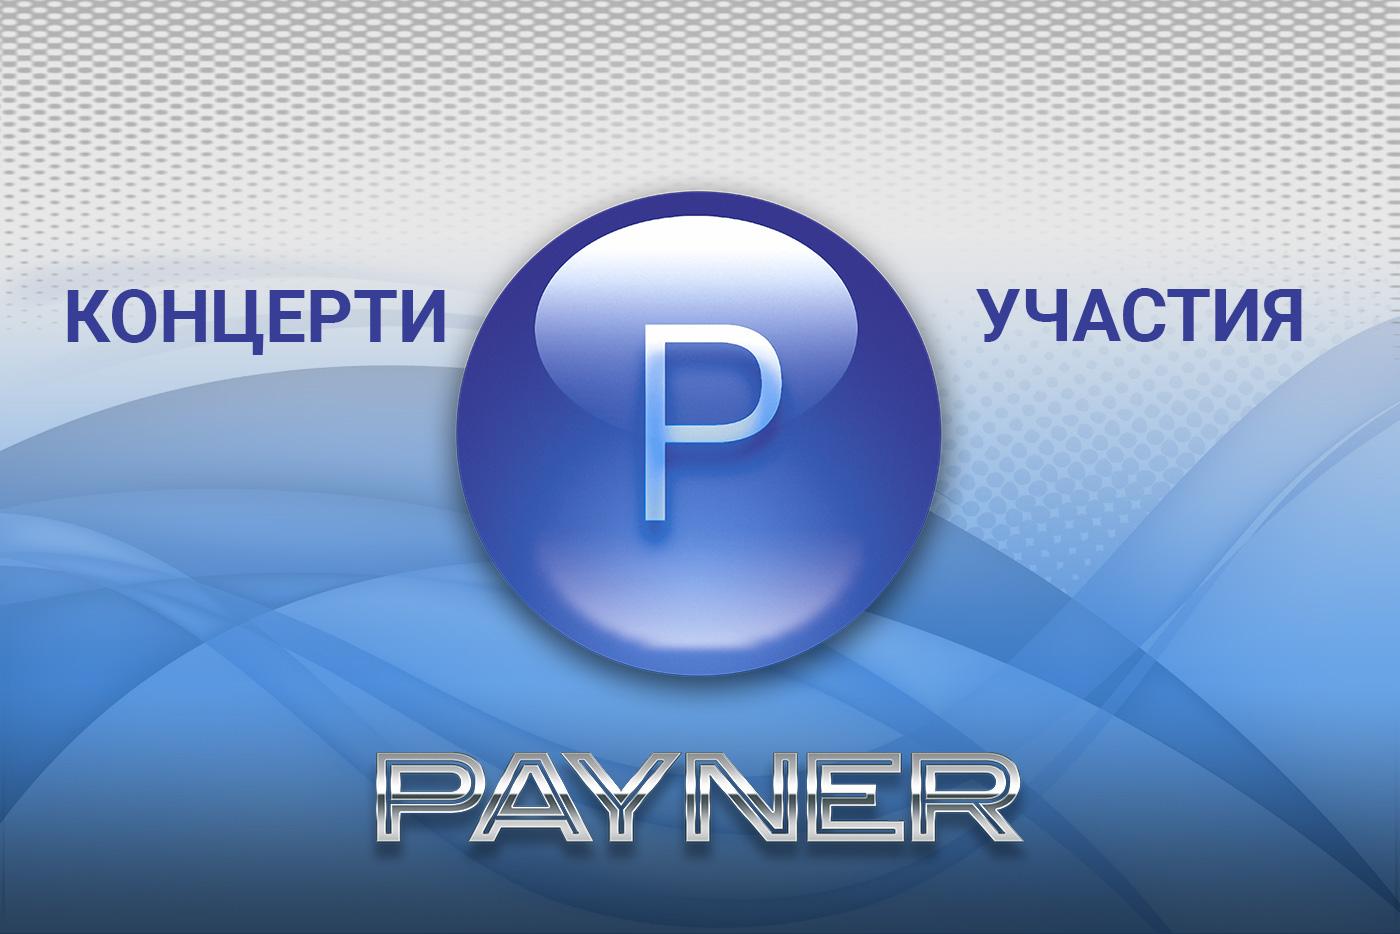 """Участия на звездите на """"Пайнер"""" на 22.07.2019"""